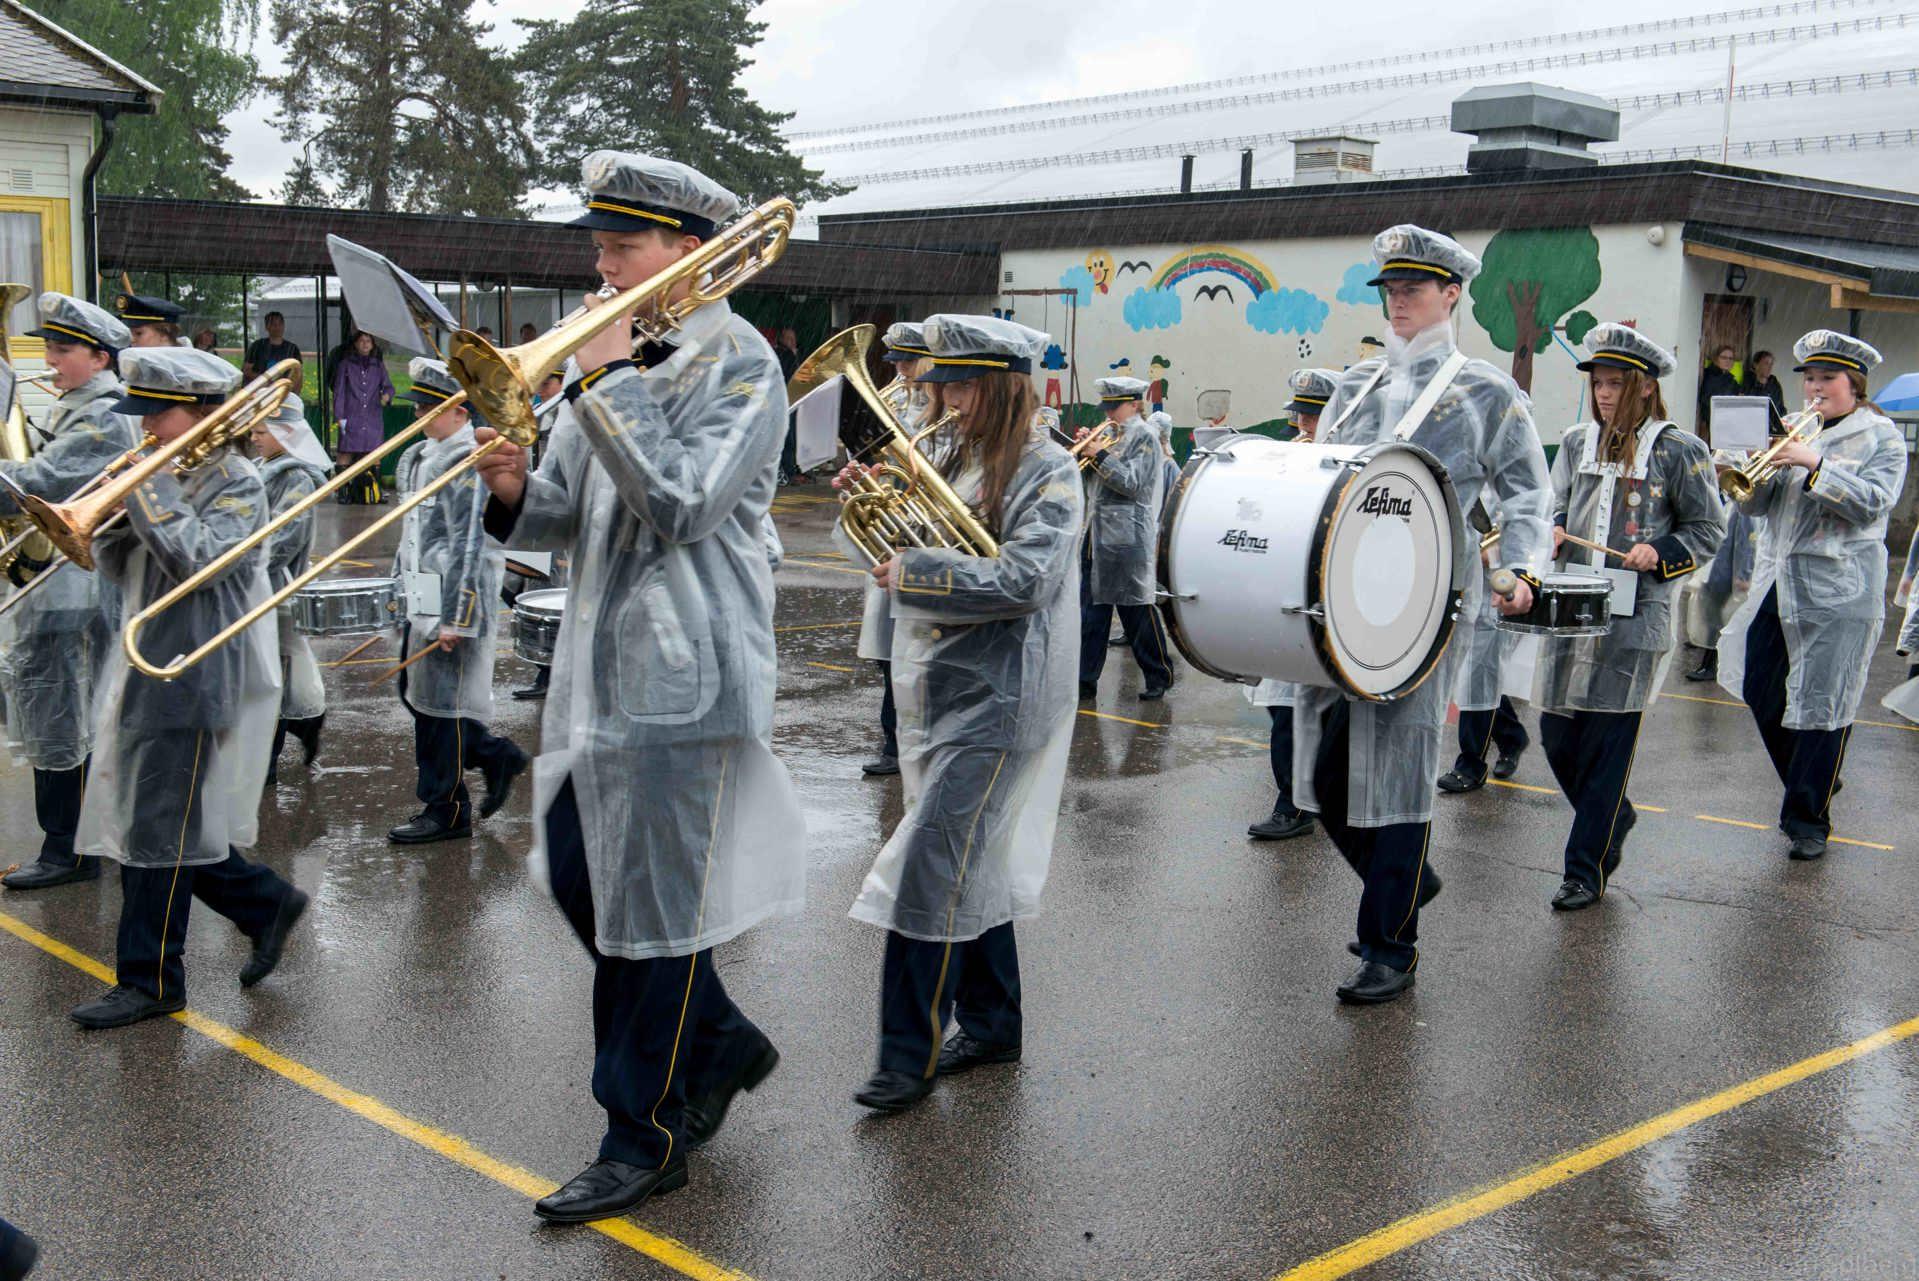 20130602-Korpsstevne Manglerud 2013-06-02 063.jpg